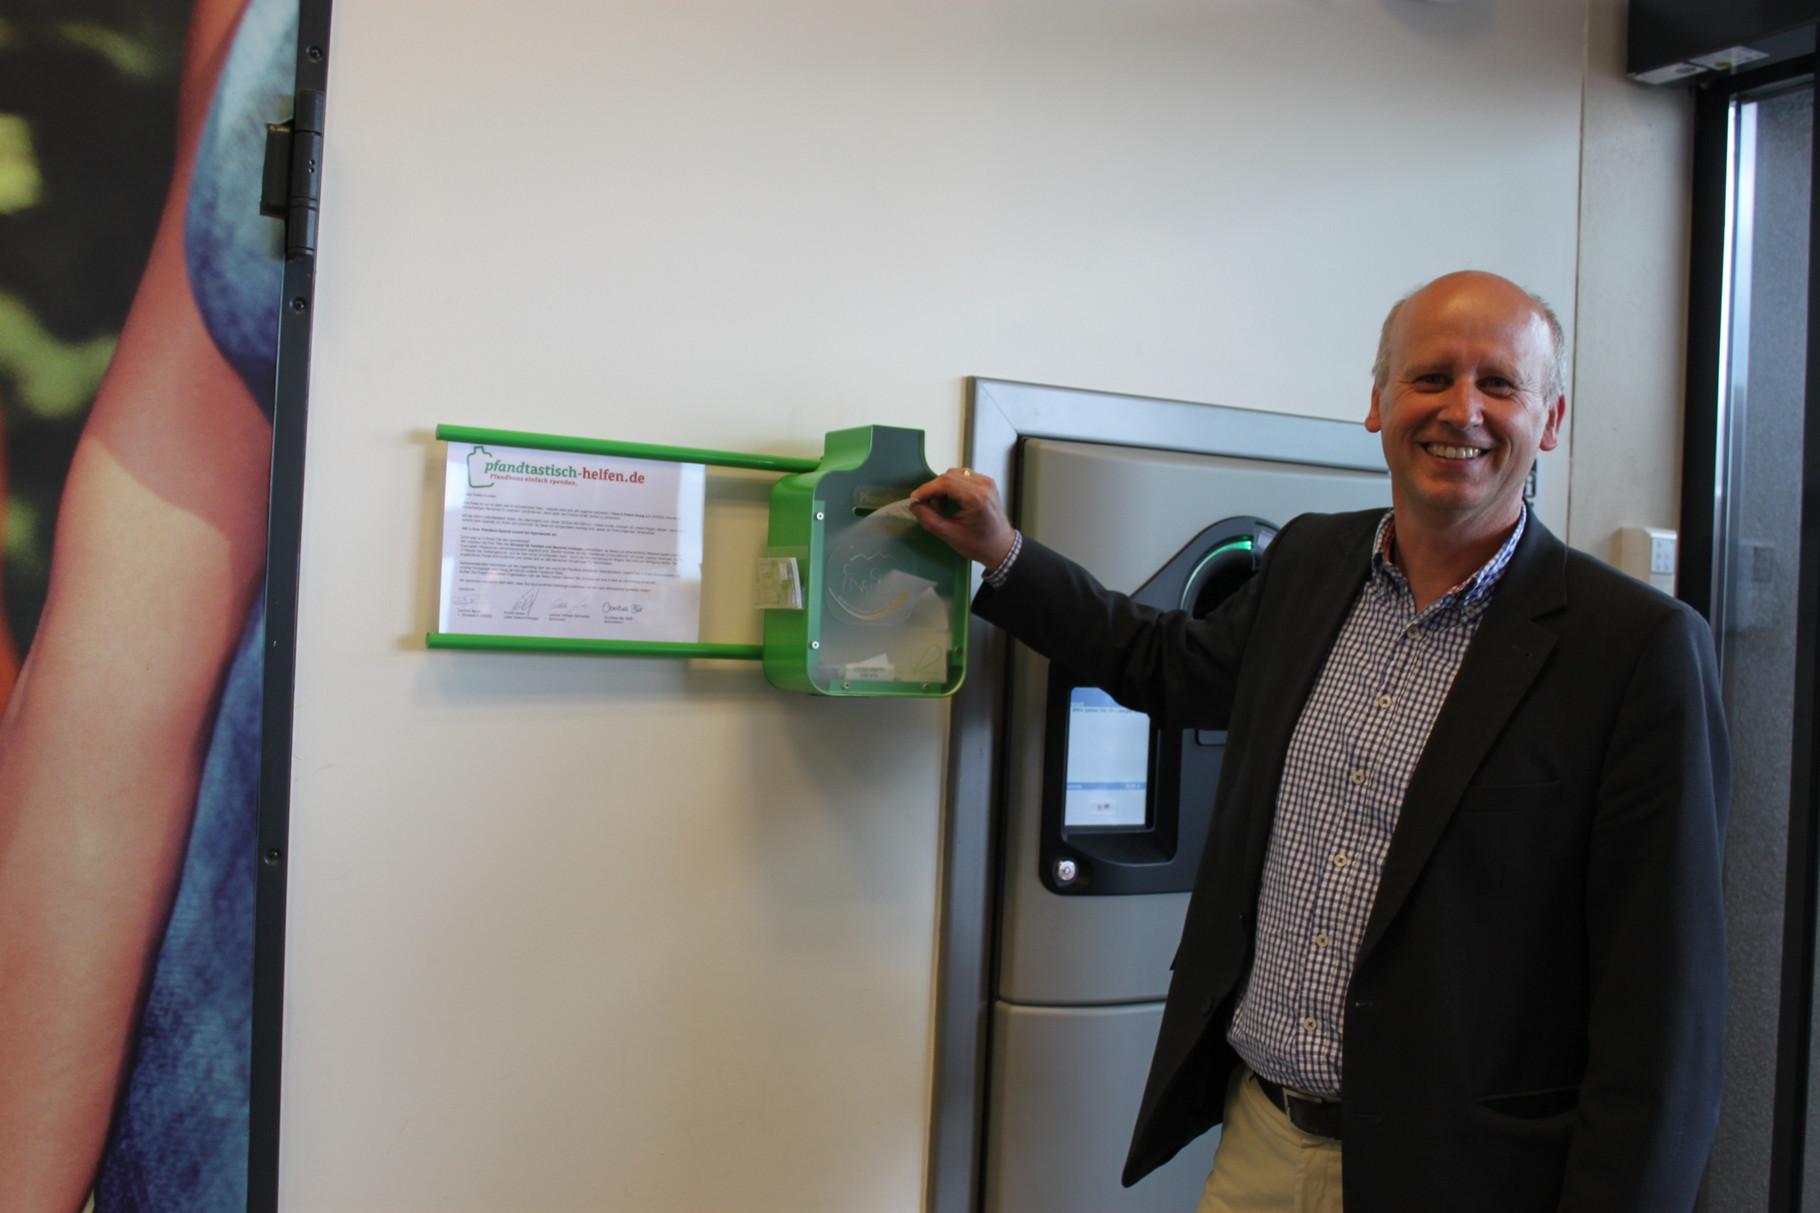 Stefan Paulus, der 1. Bürgermeister von Knetzgau, hat zur Eröffnung gleich vorbildlich einen Getränkekasten mitgebracht und den daraus resultierenden Pfandbon-Wert umgehend gespendet - vielen Dank! :)